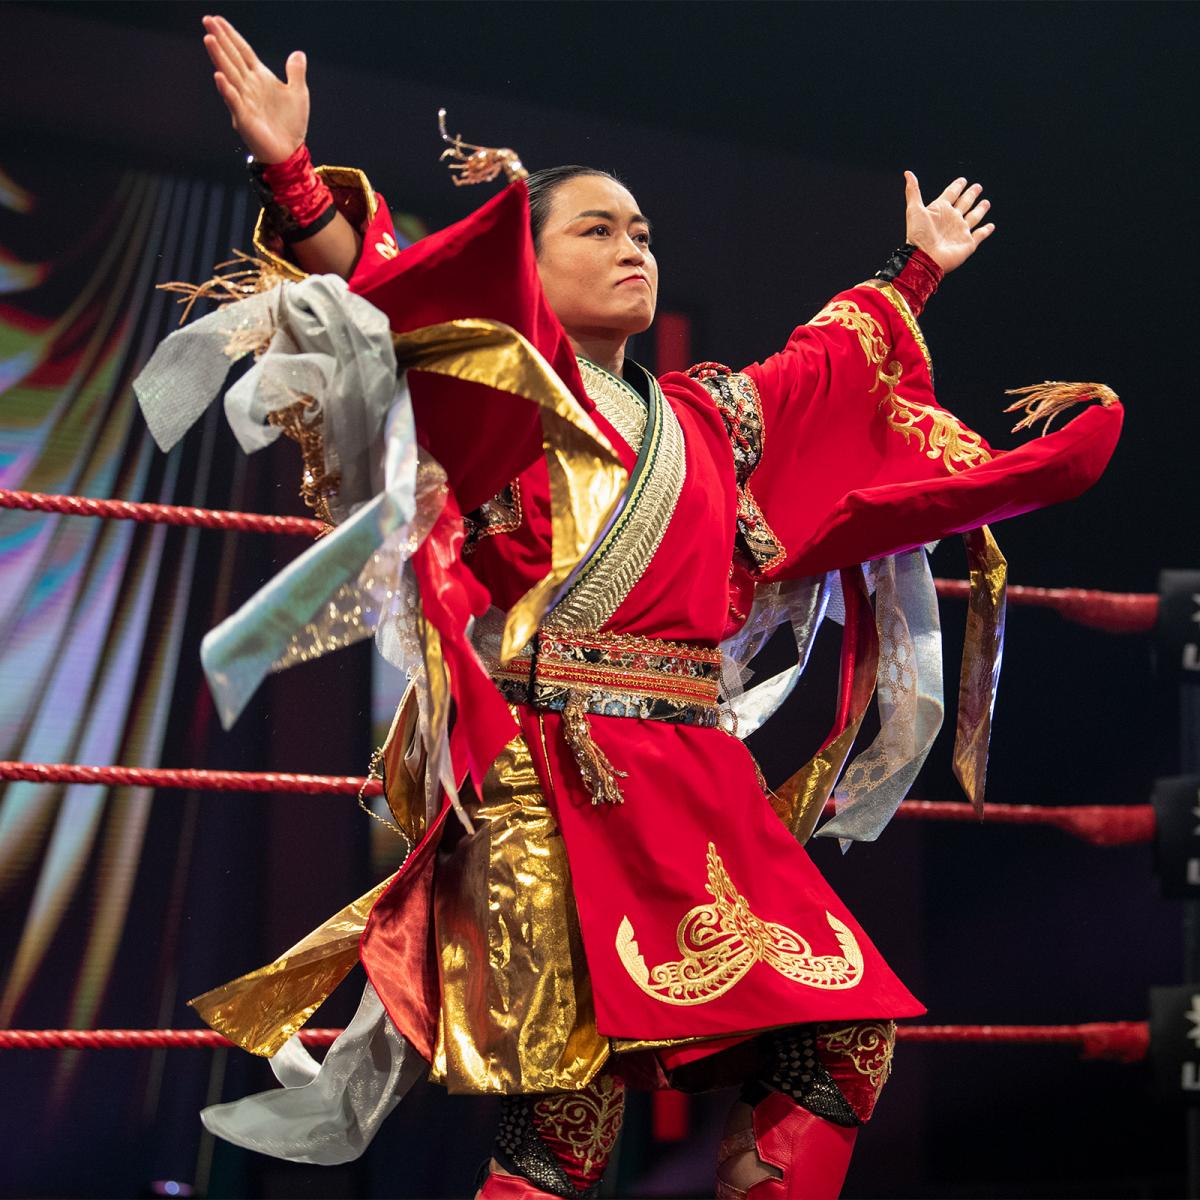 2度目の挑戦でNXT UK女子王座を獲得した里村(C)2021 WWE, Inc. All Rights Reserved.